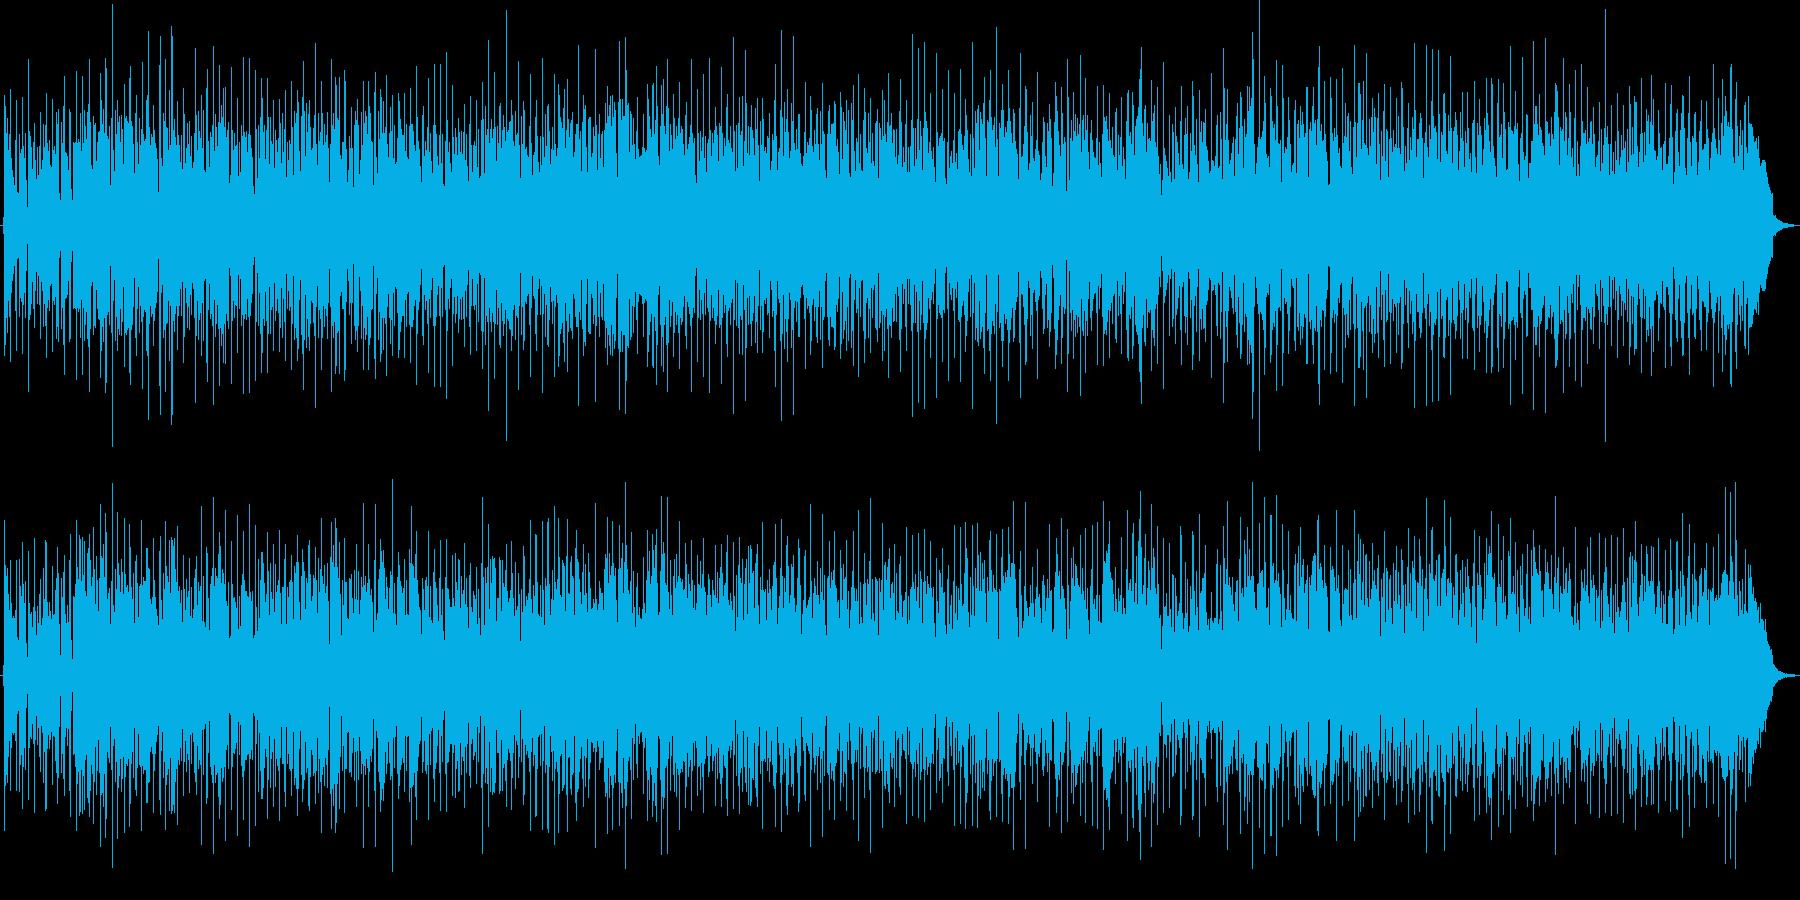 ほのぼのしたポップスBGMの再生済みの波形